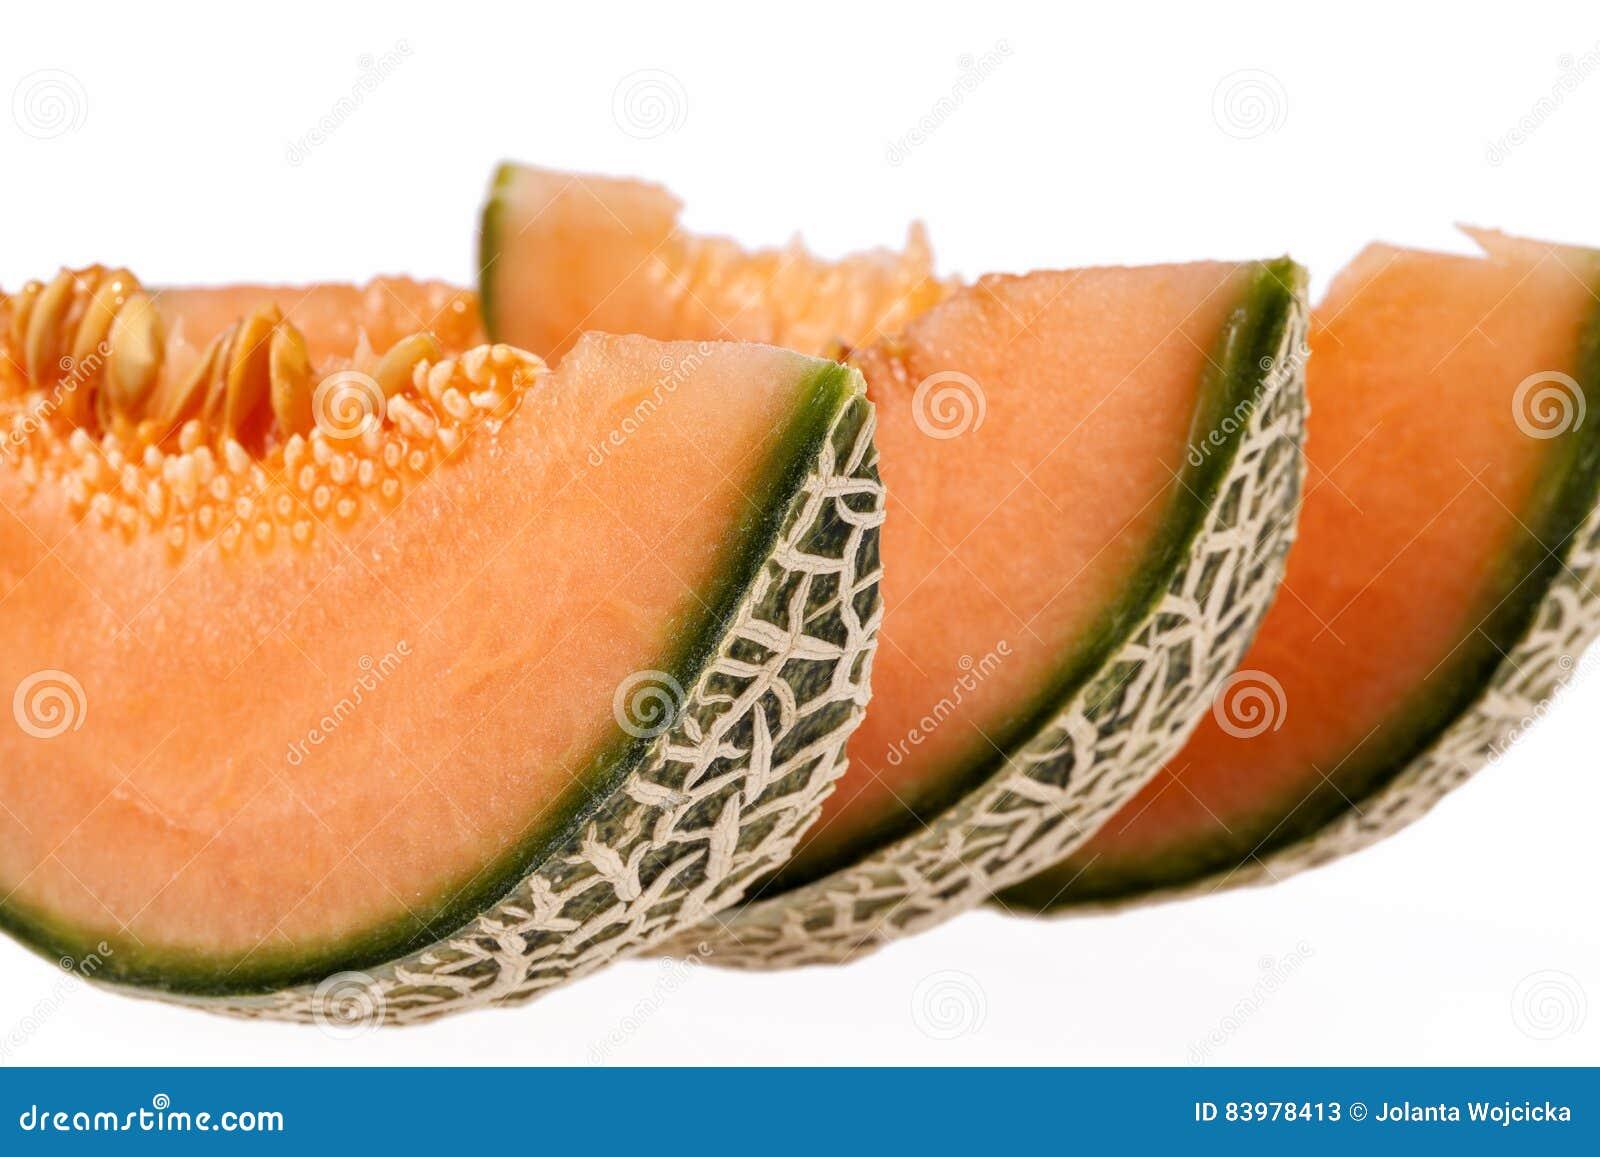 Melonowy kantalup odizolowywający na białym tle